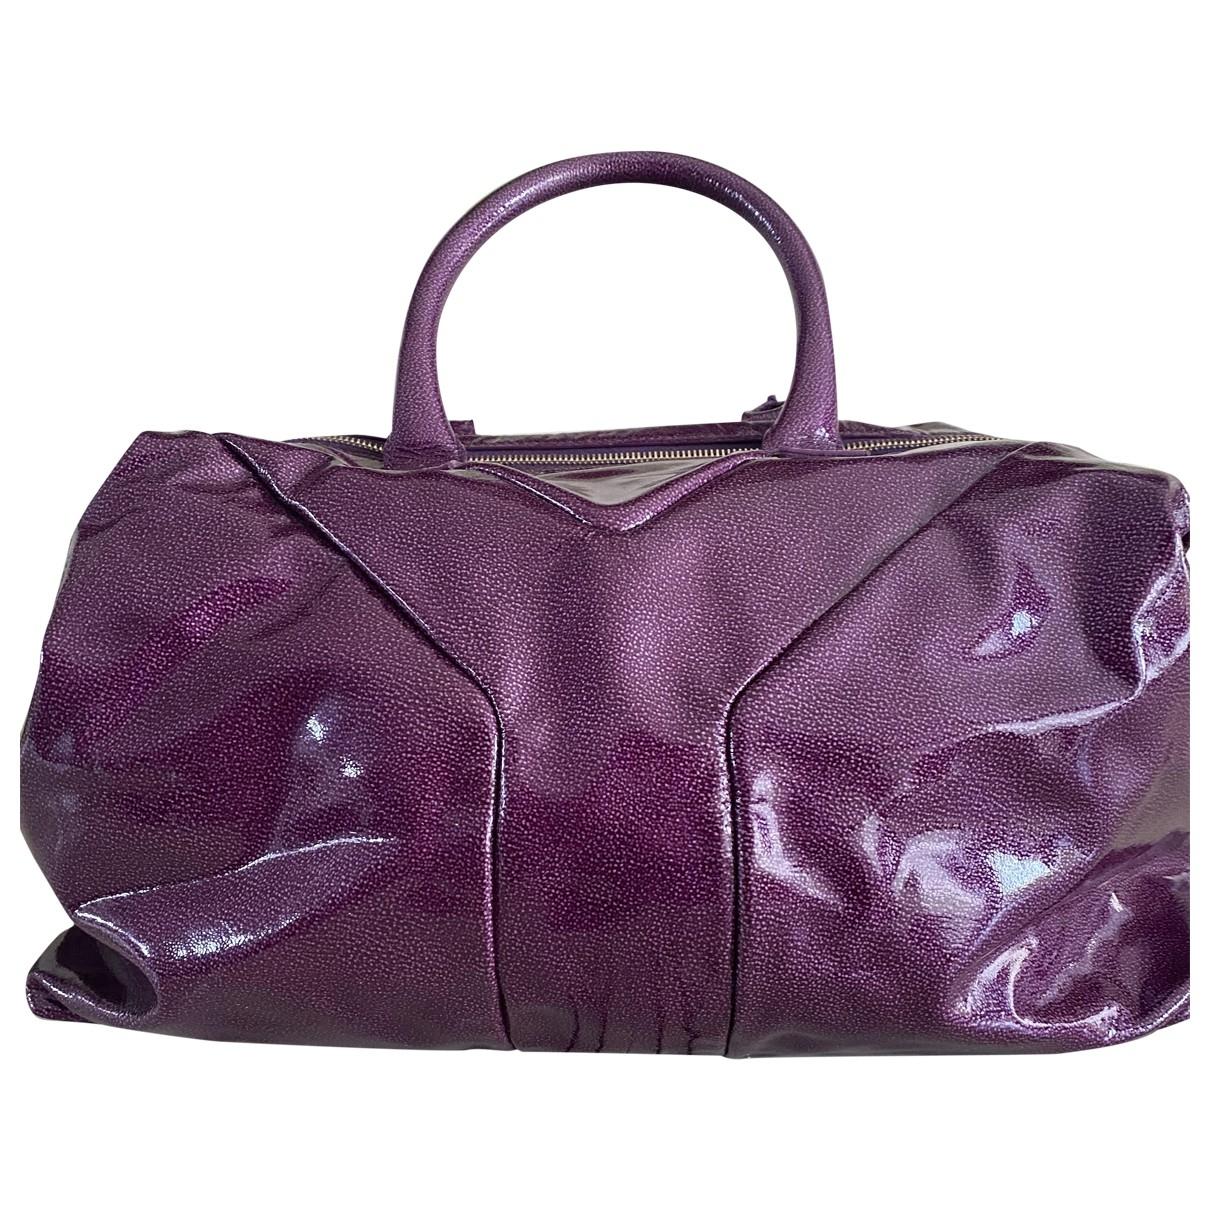 Yves Saint Laurent - Sac a main Easy pour femme en cuir - violet